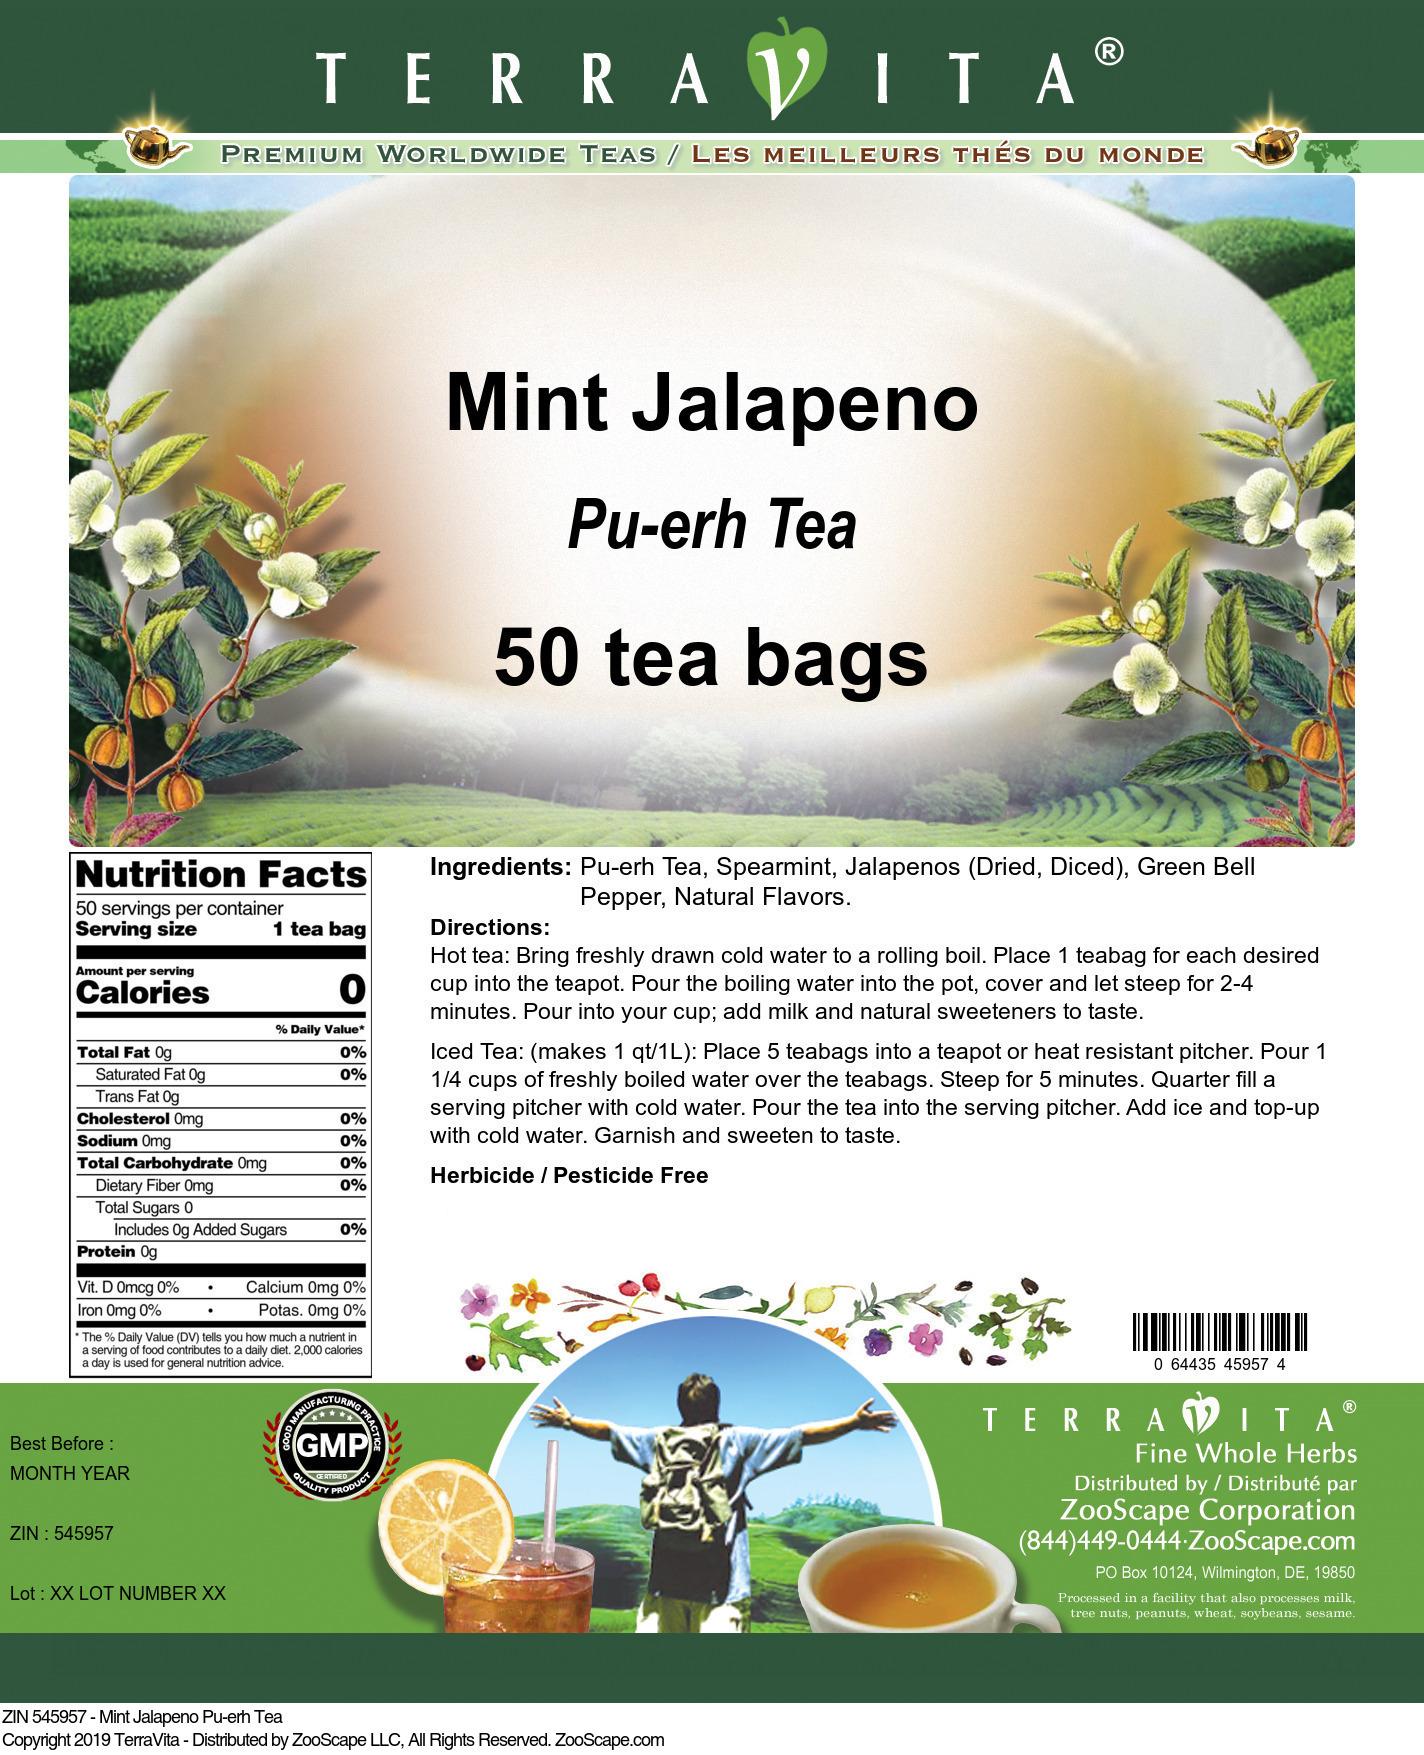 Mint Jalapeno Pu-erh Tea